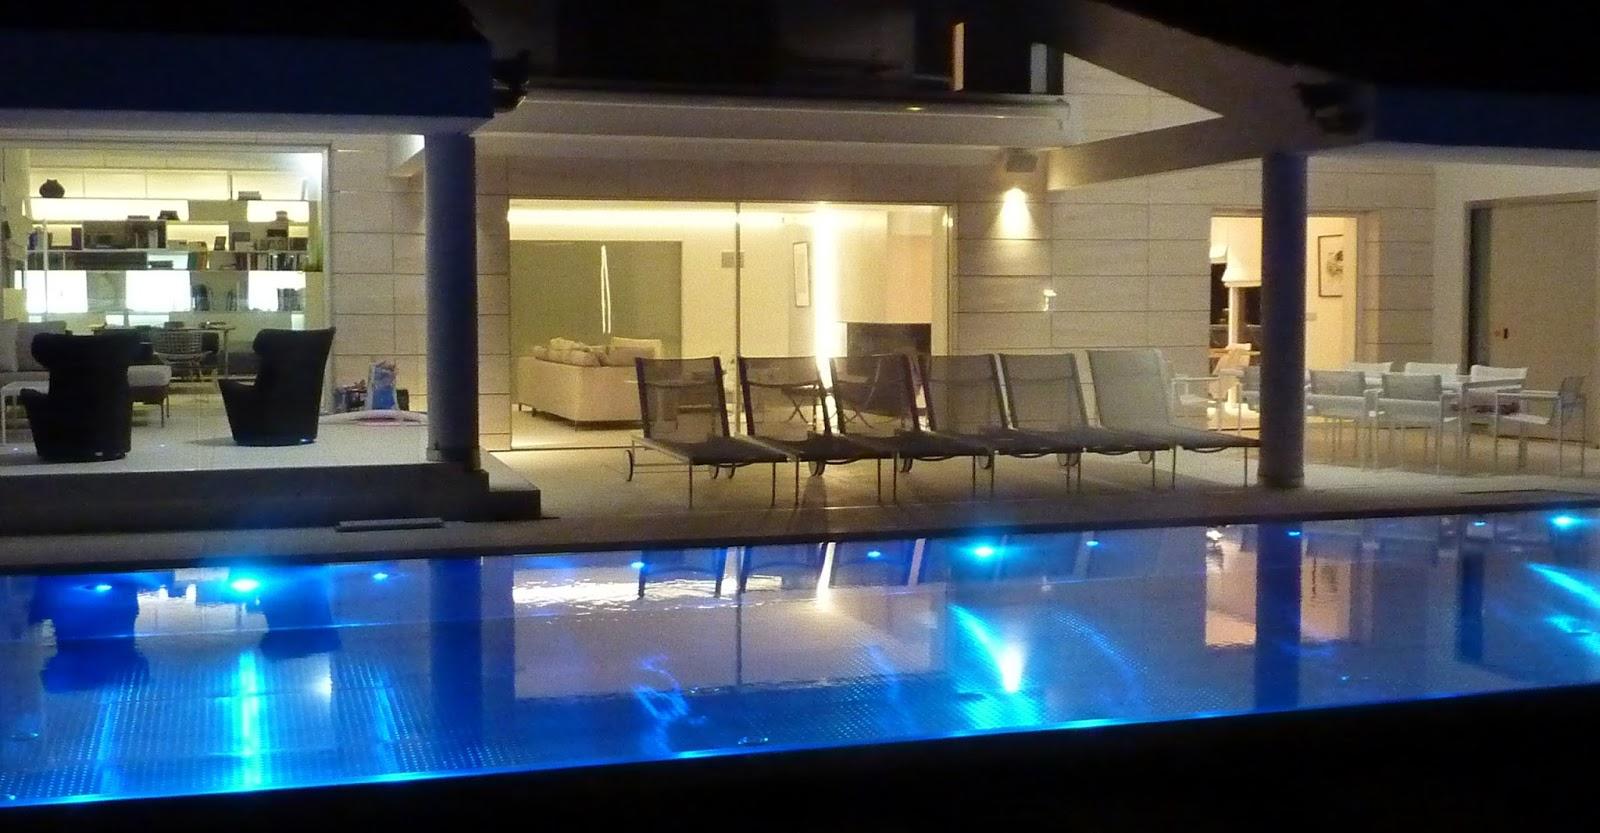 Piscine En Inox Steel And Style steel and style: renovation piscine beton en piscine inox